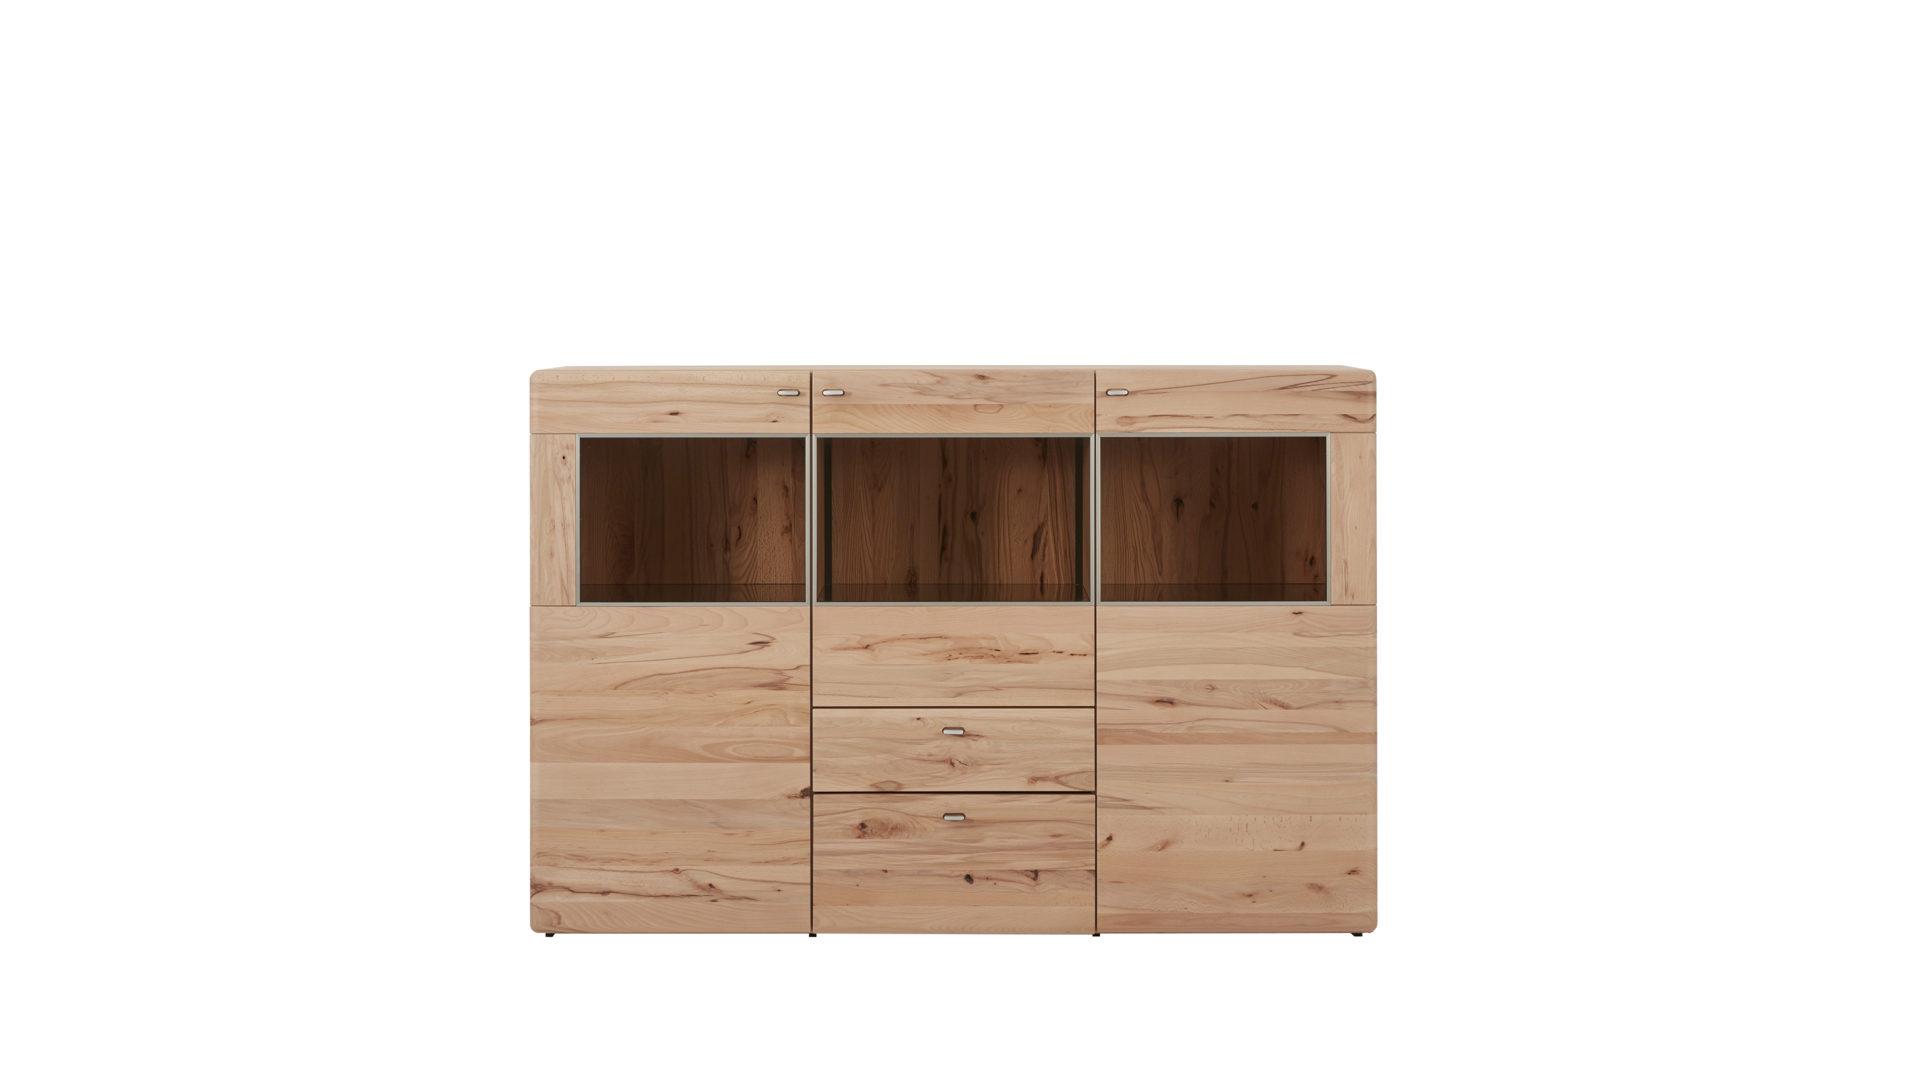 Kernbuche Wohnzimmer, interliving wohnzimmer serie 2002 – highboard, gebürstete kernbuche, Design ideen